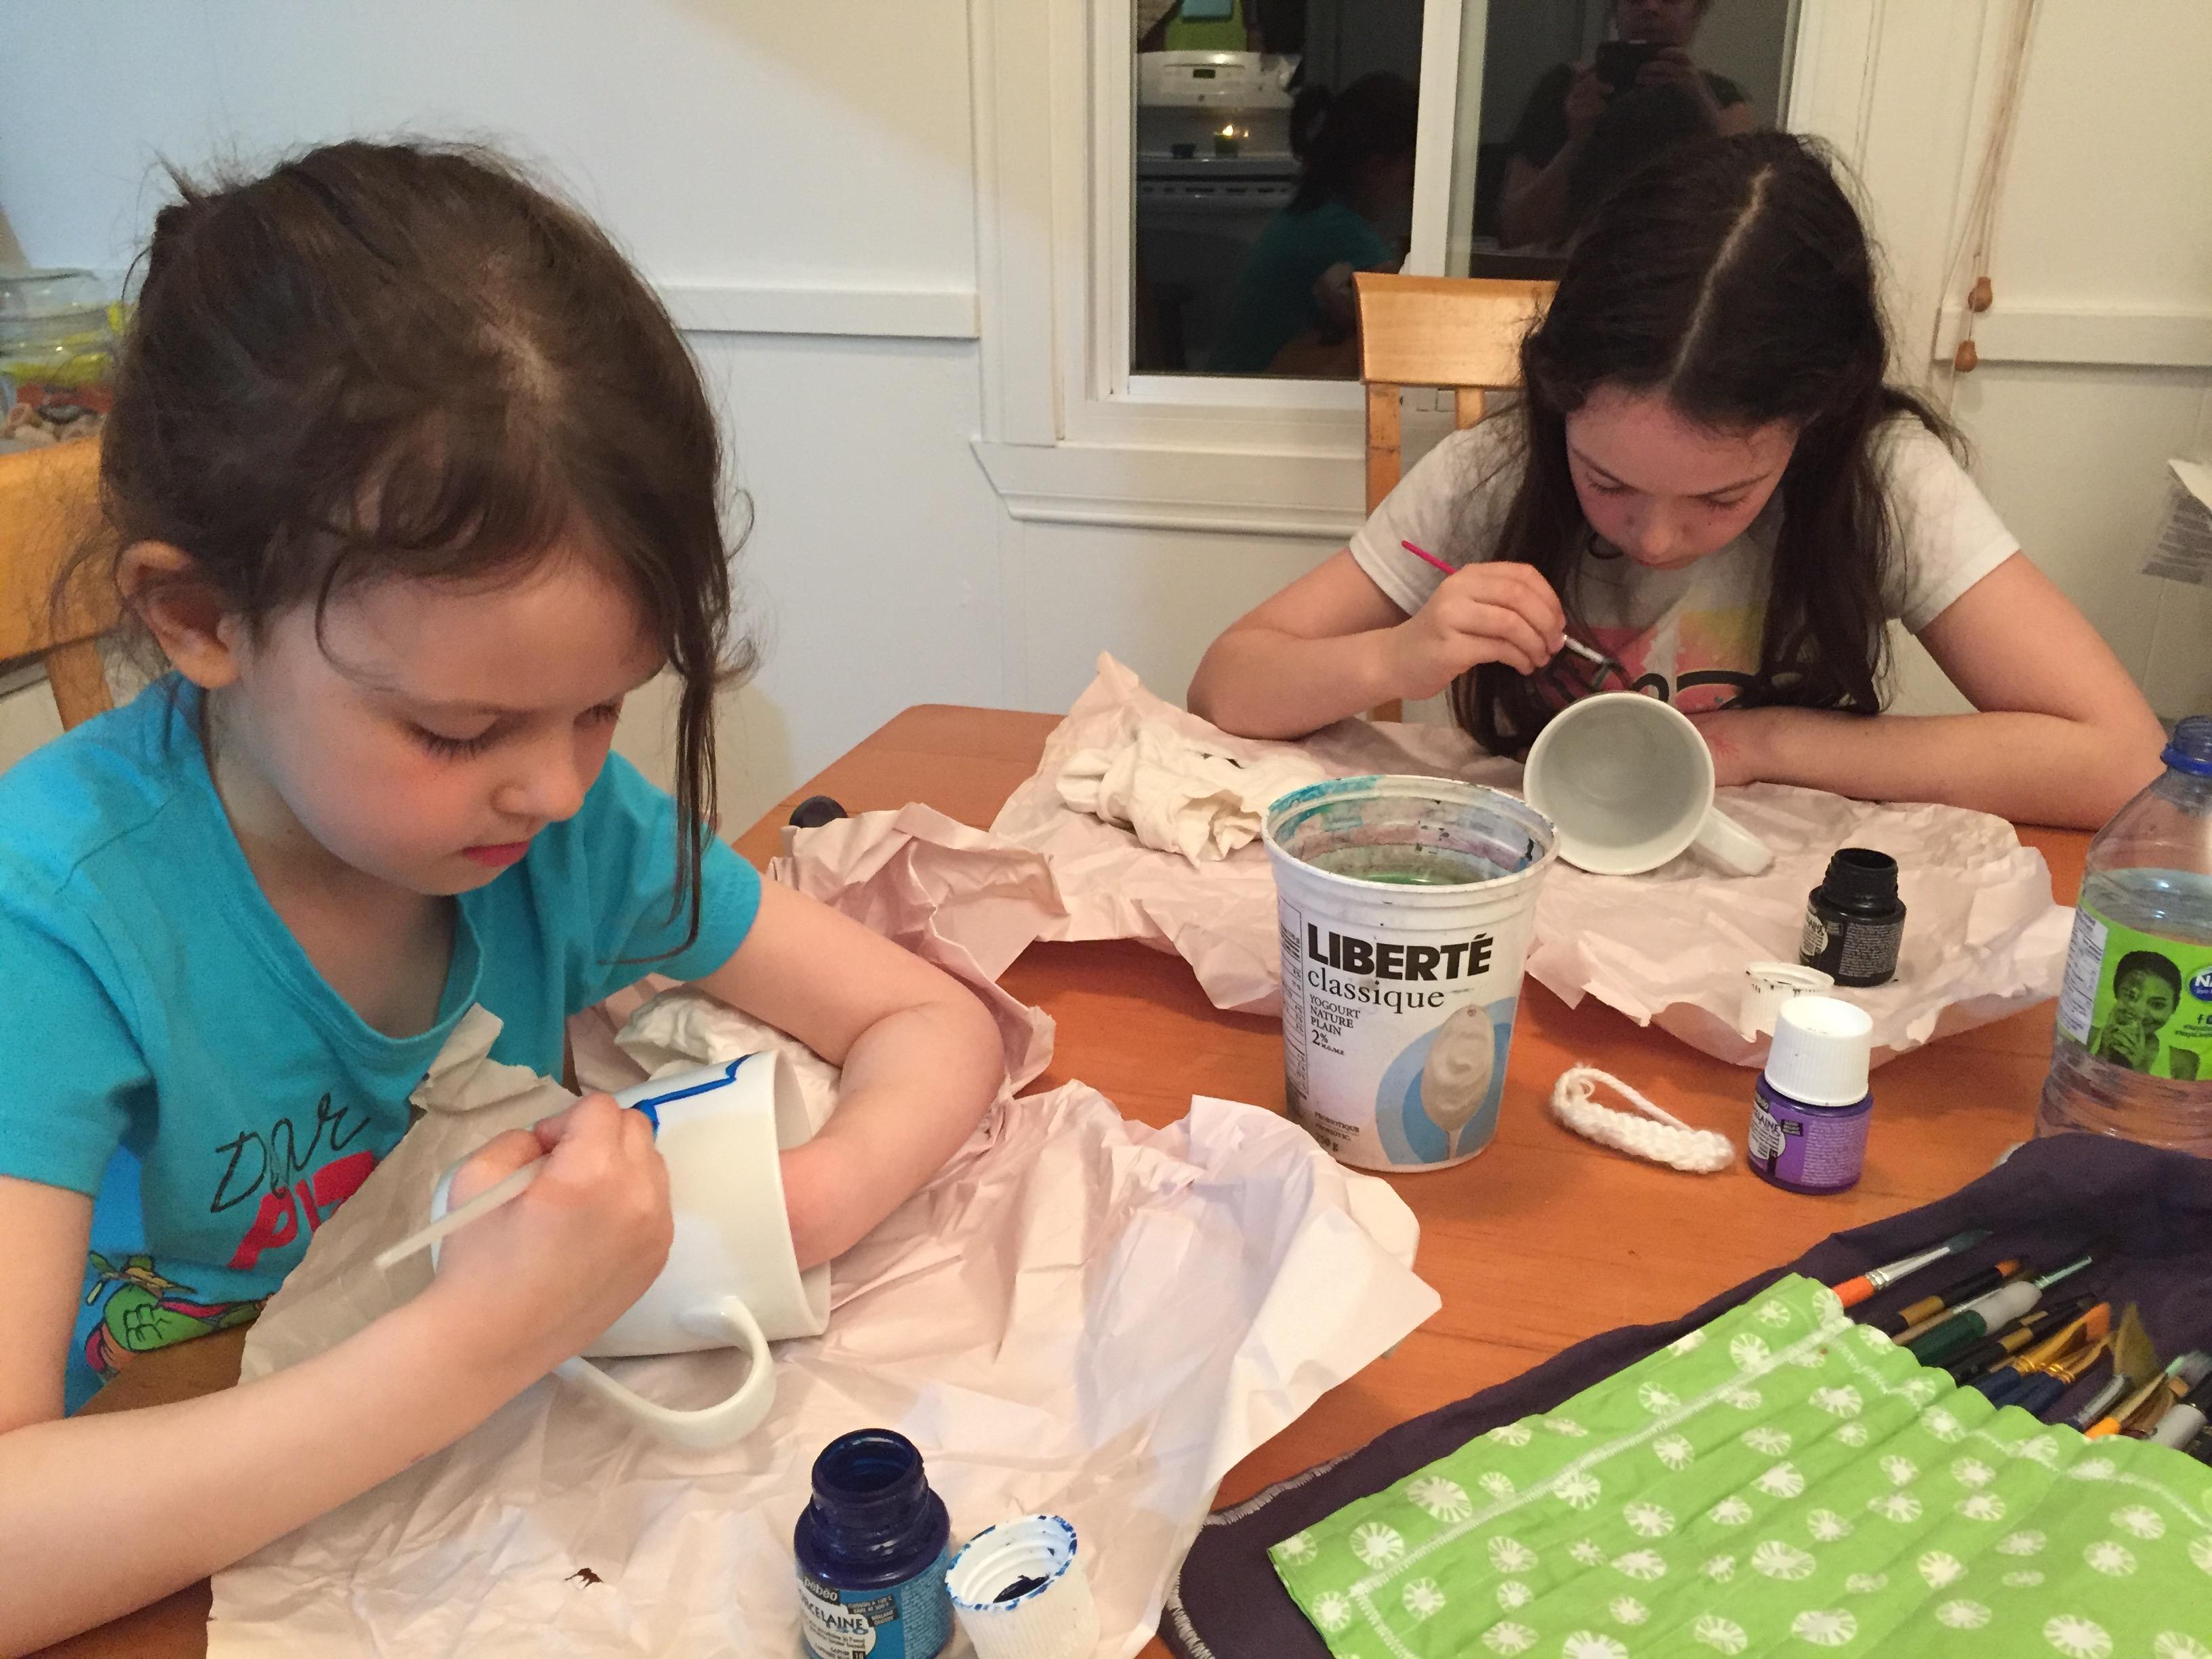 Laissez-les-enfants-creer-blog-la-boite-aetliers-creatifs